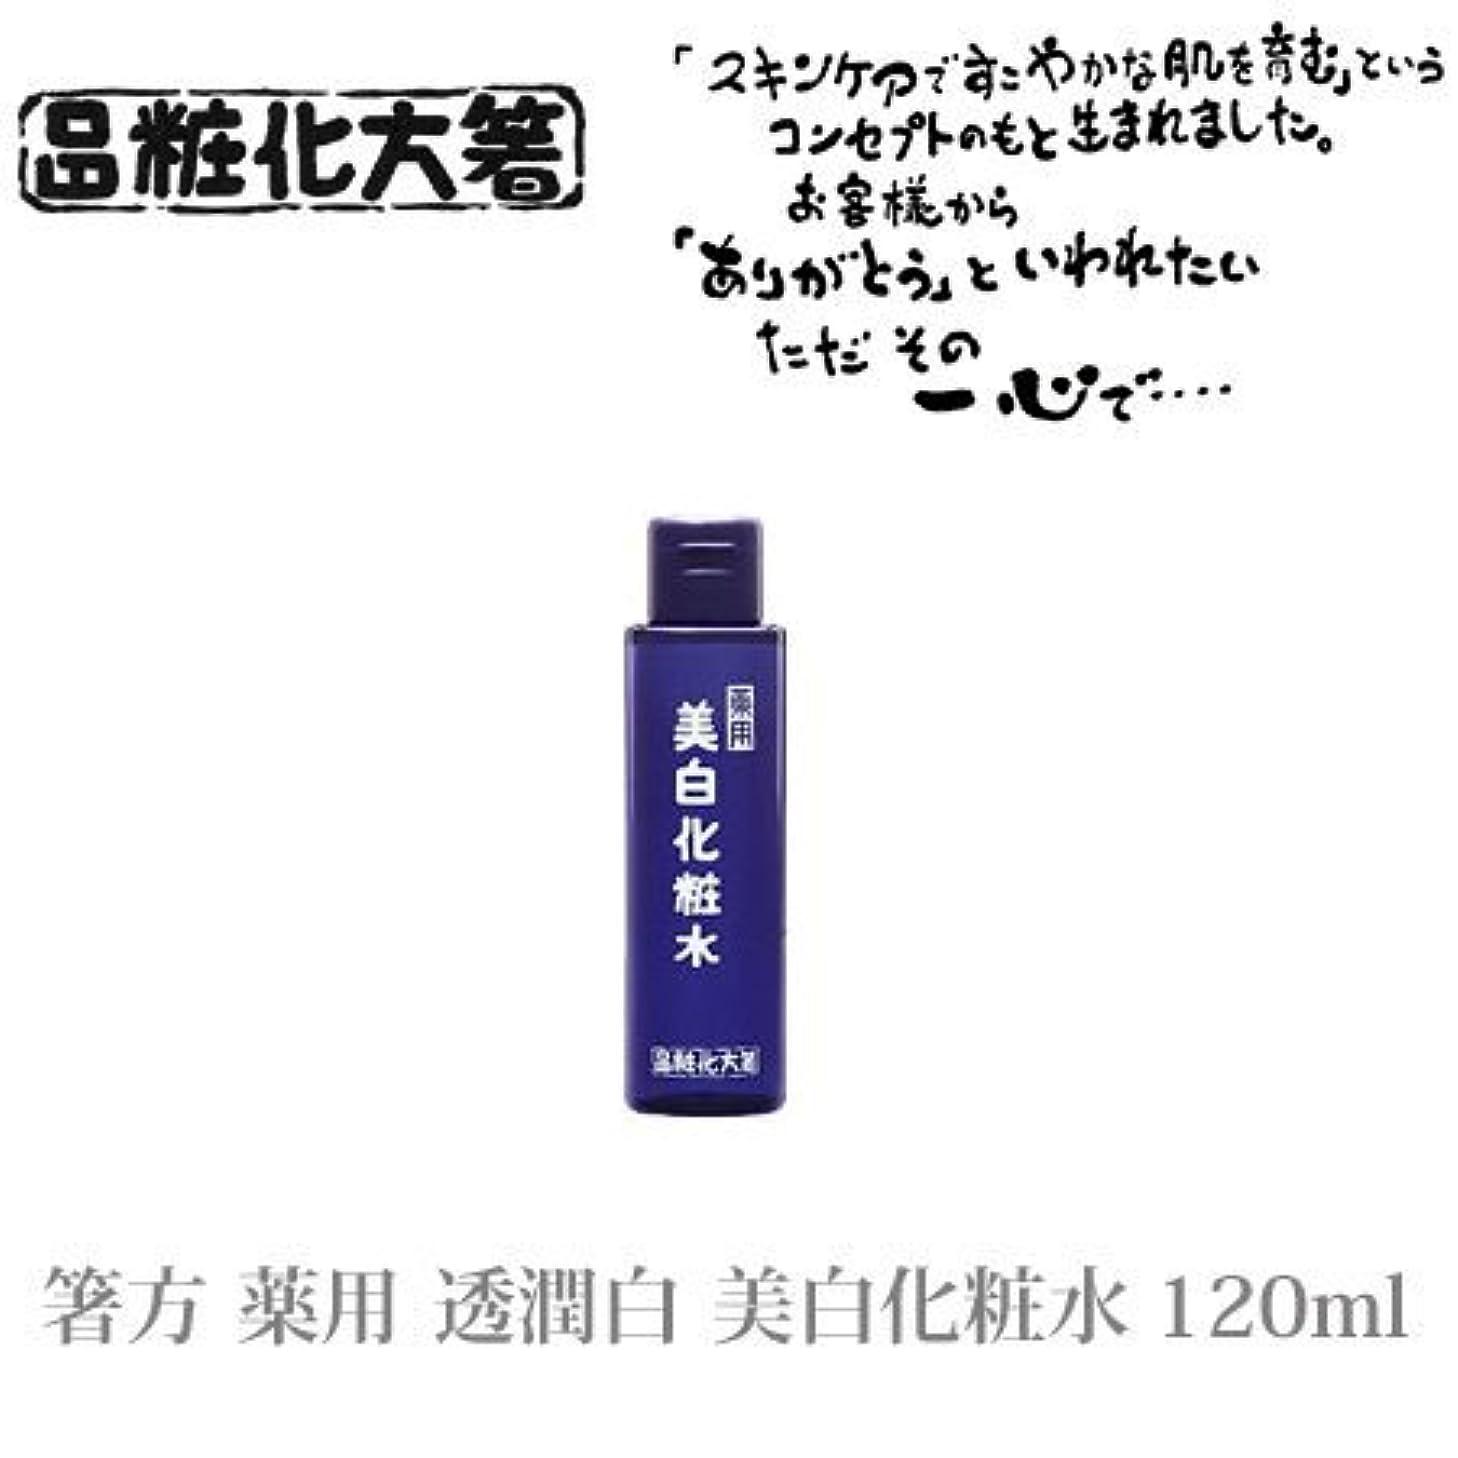 判決特定のドラフト箸方化粧品 薬用 透潤白 美白化粧水 120ml はしかた化粧品